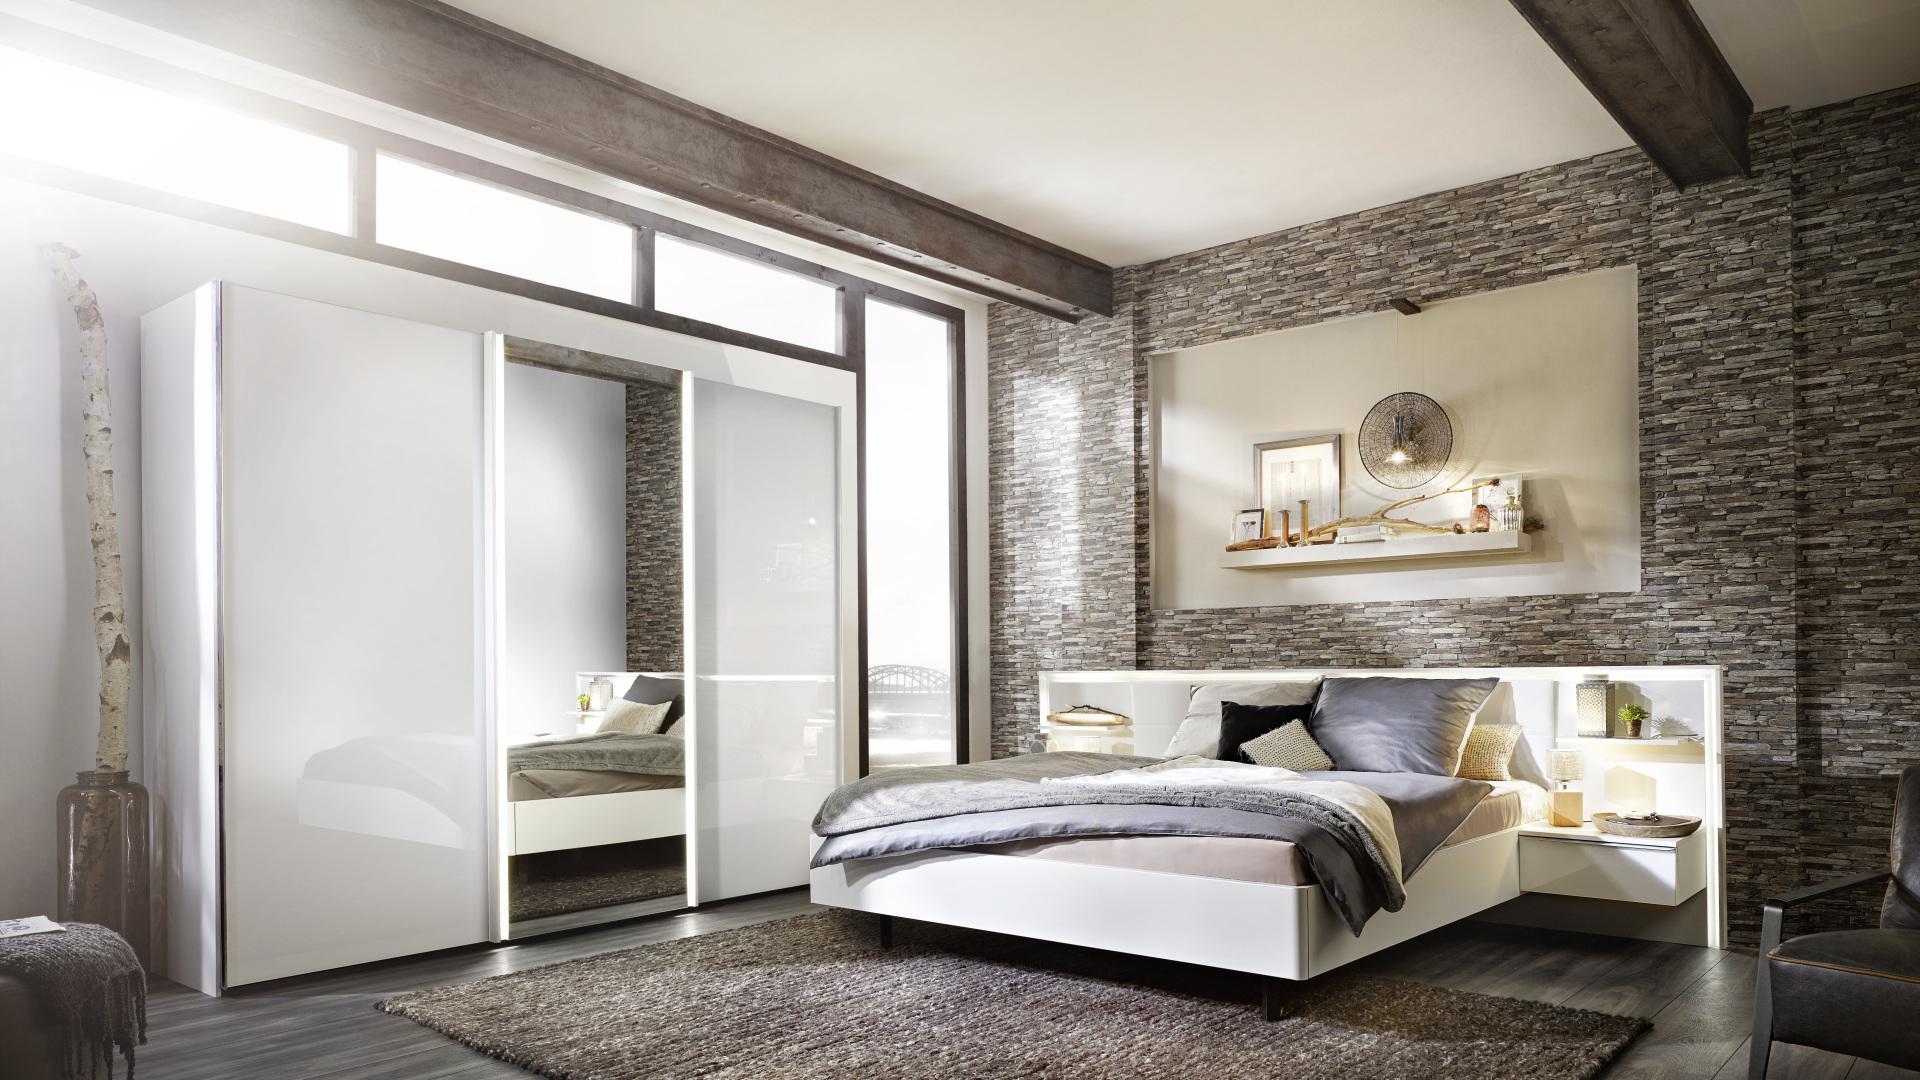 sypialnia z meblami z kolekcji ipanema Nolte